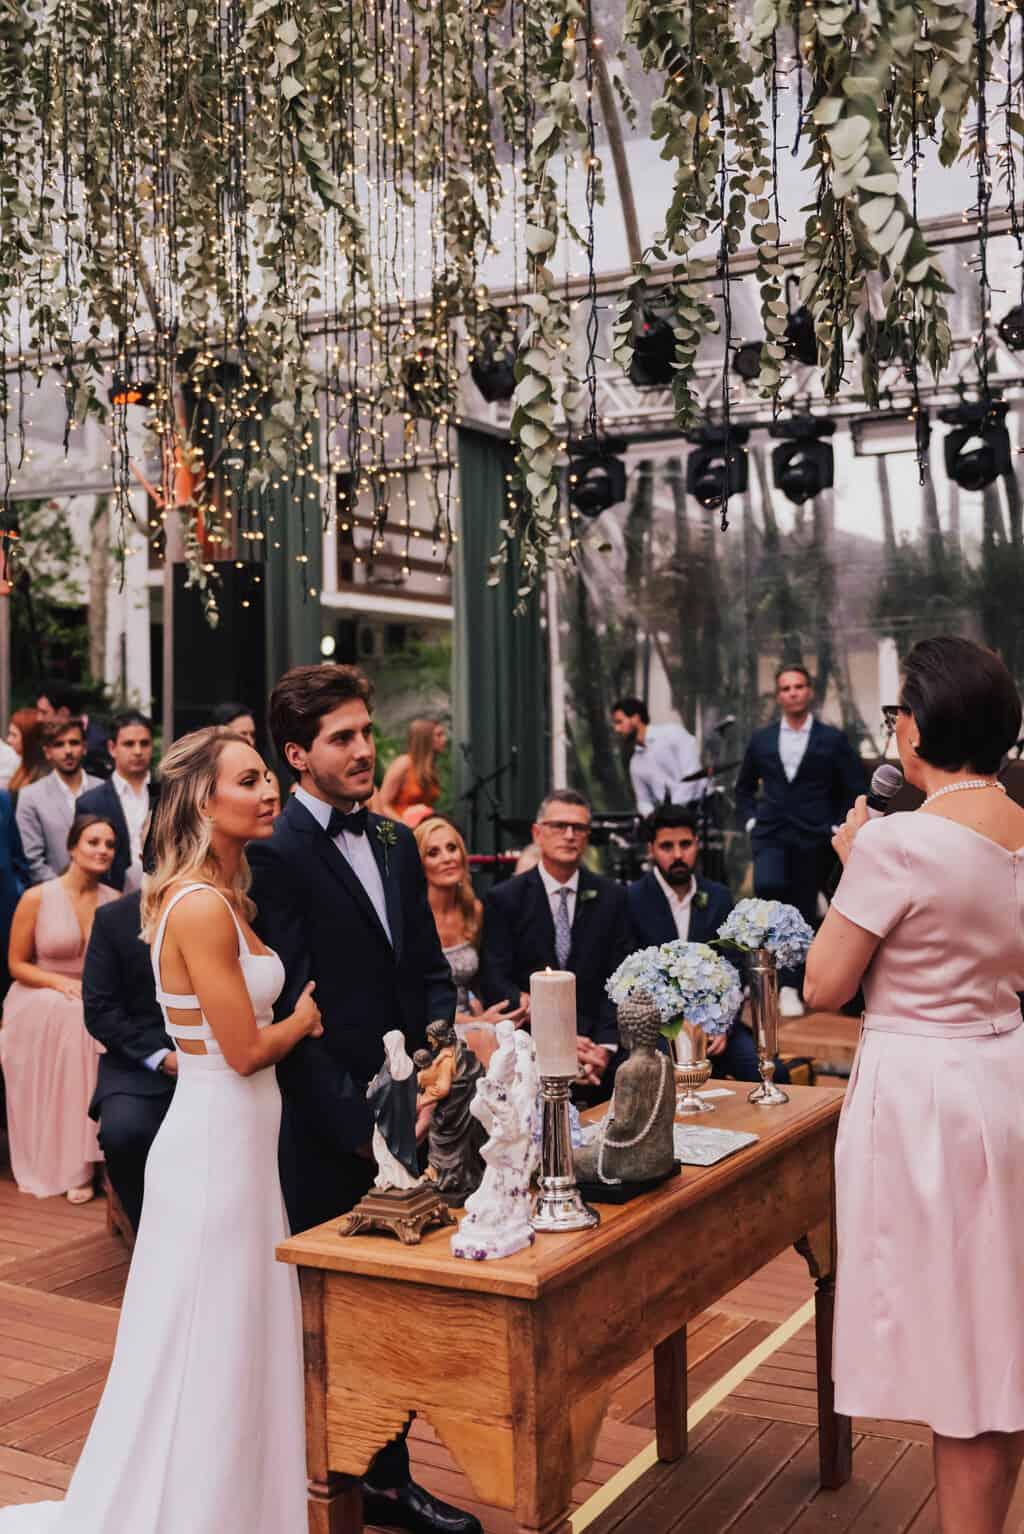 casamento-Maitê-e-Breno-cerimonia-no-jardim-Fotografia-Mana-Gollo-Hotel-Timbó-Park-noivos-no-altar50